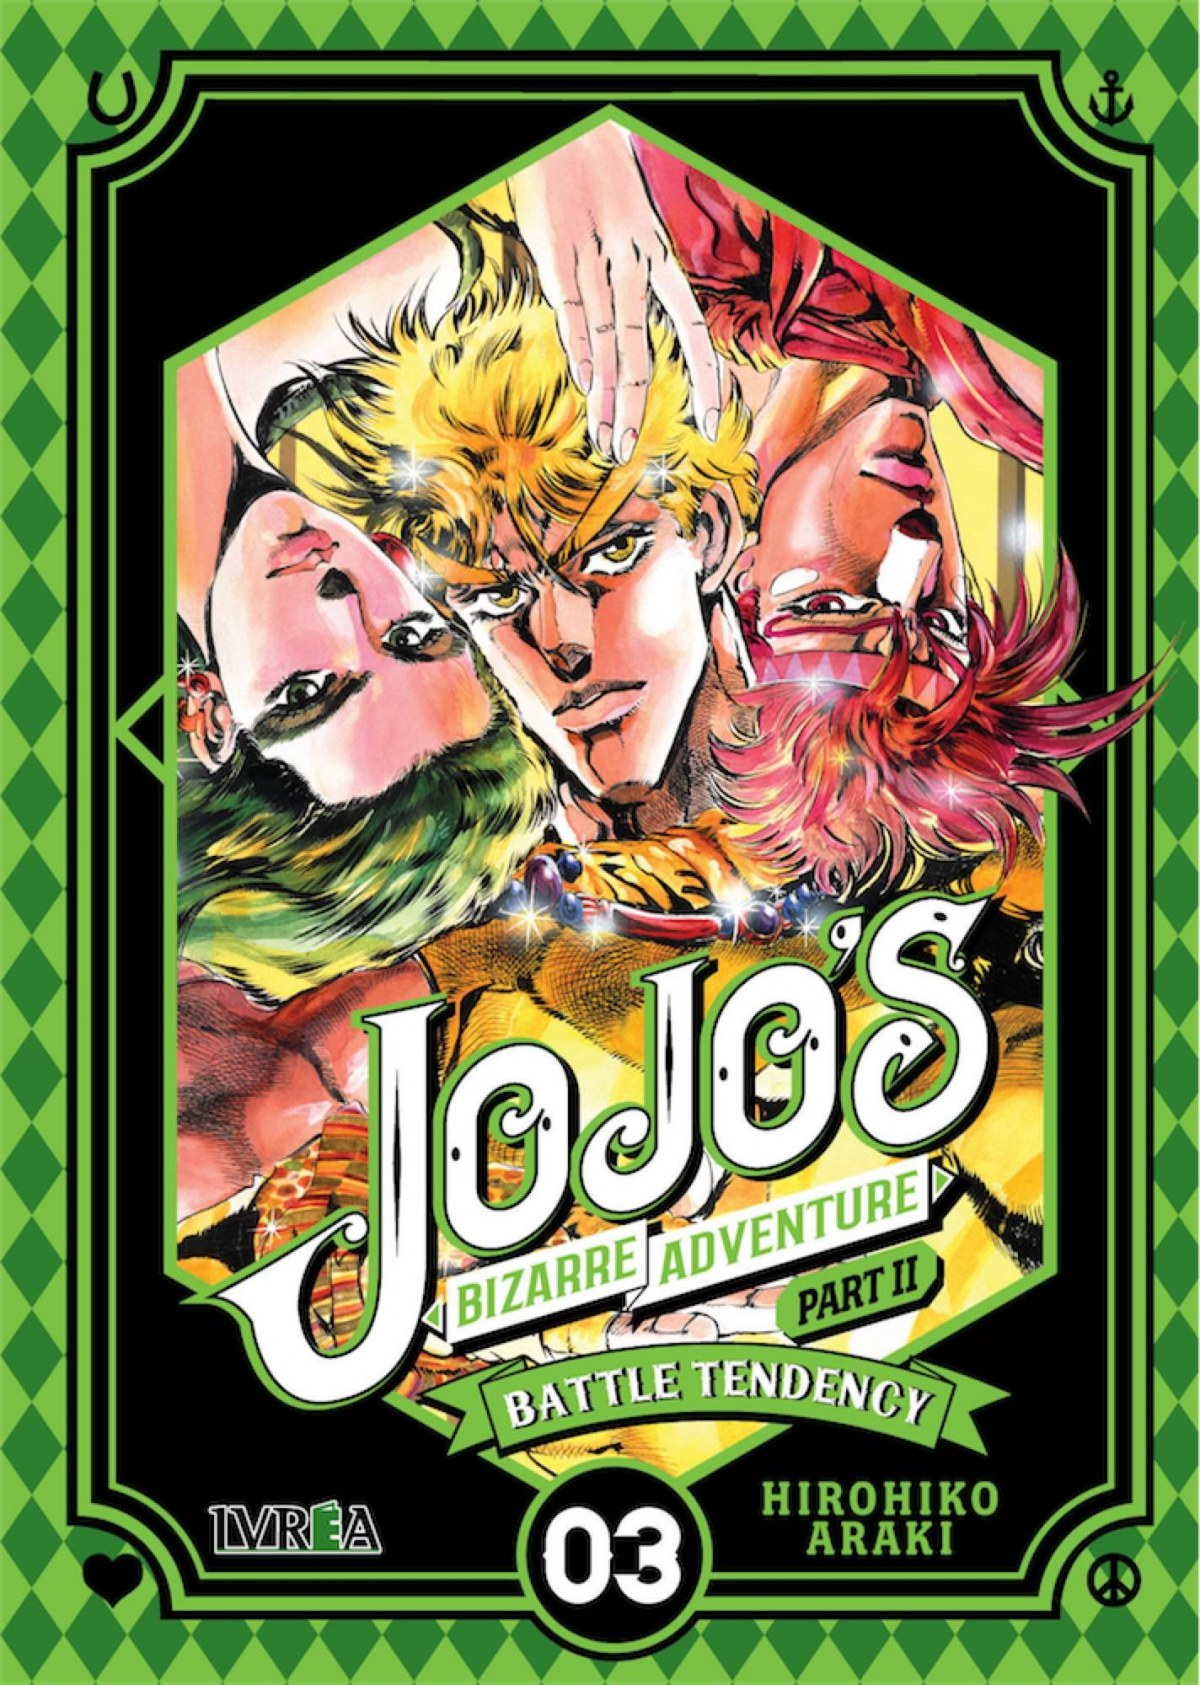 JOJO'S BIZARRE ADVENTURE 05 BATTLE TENDENCY 03